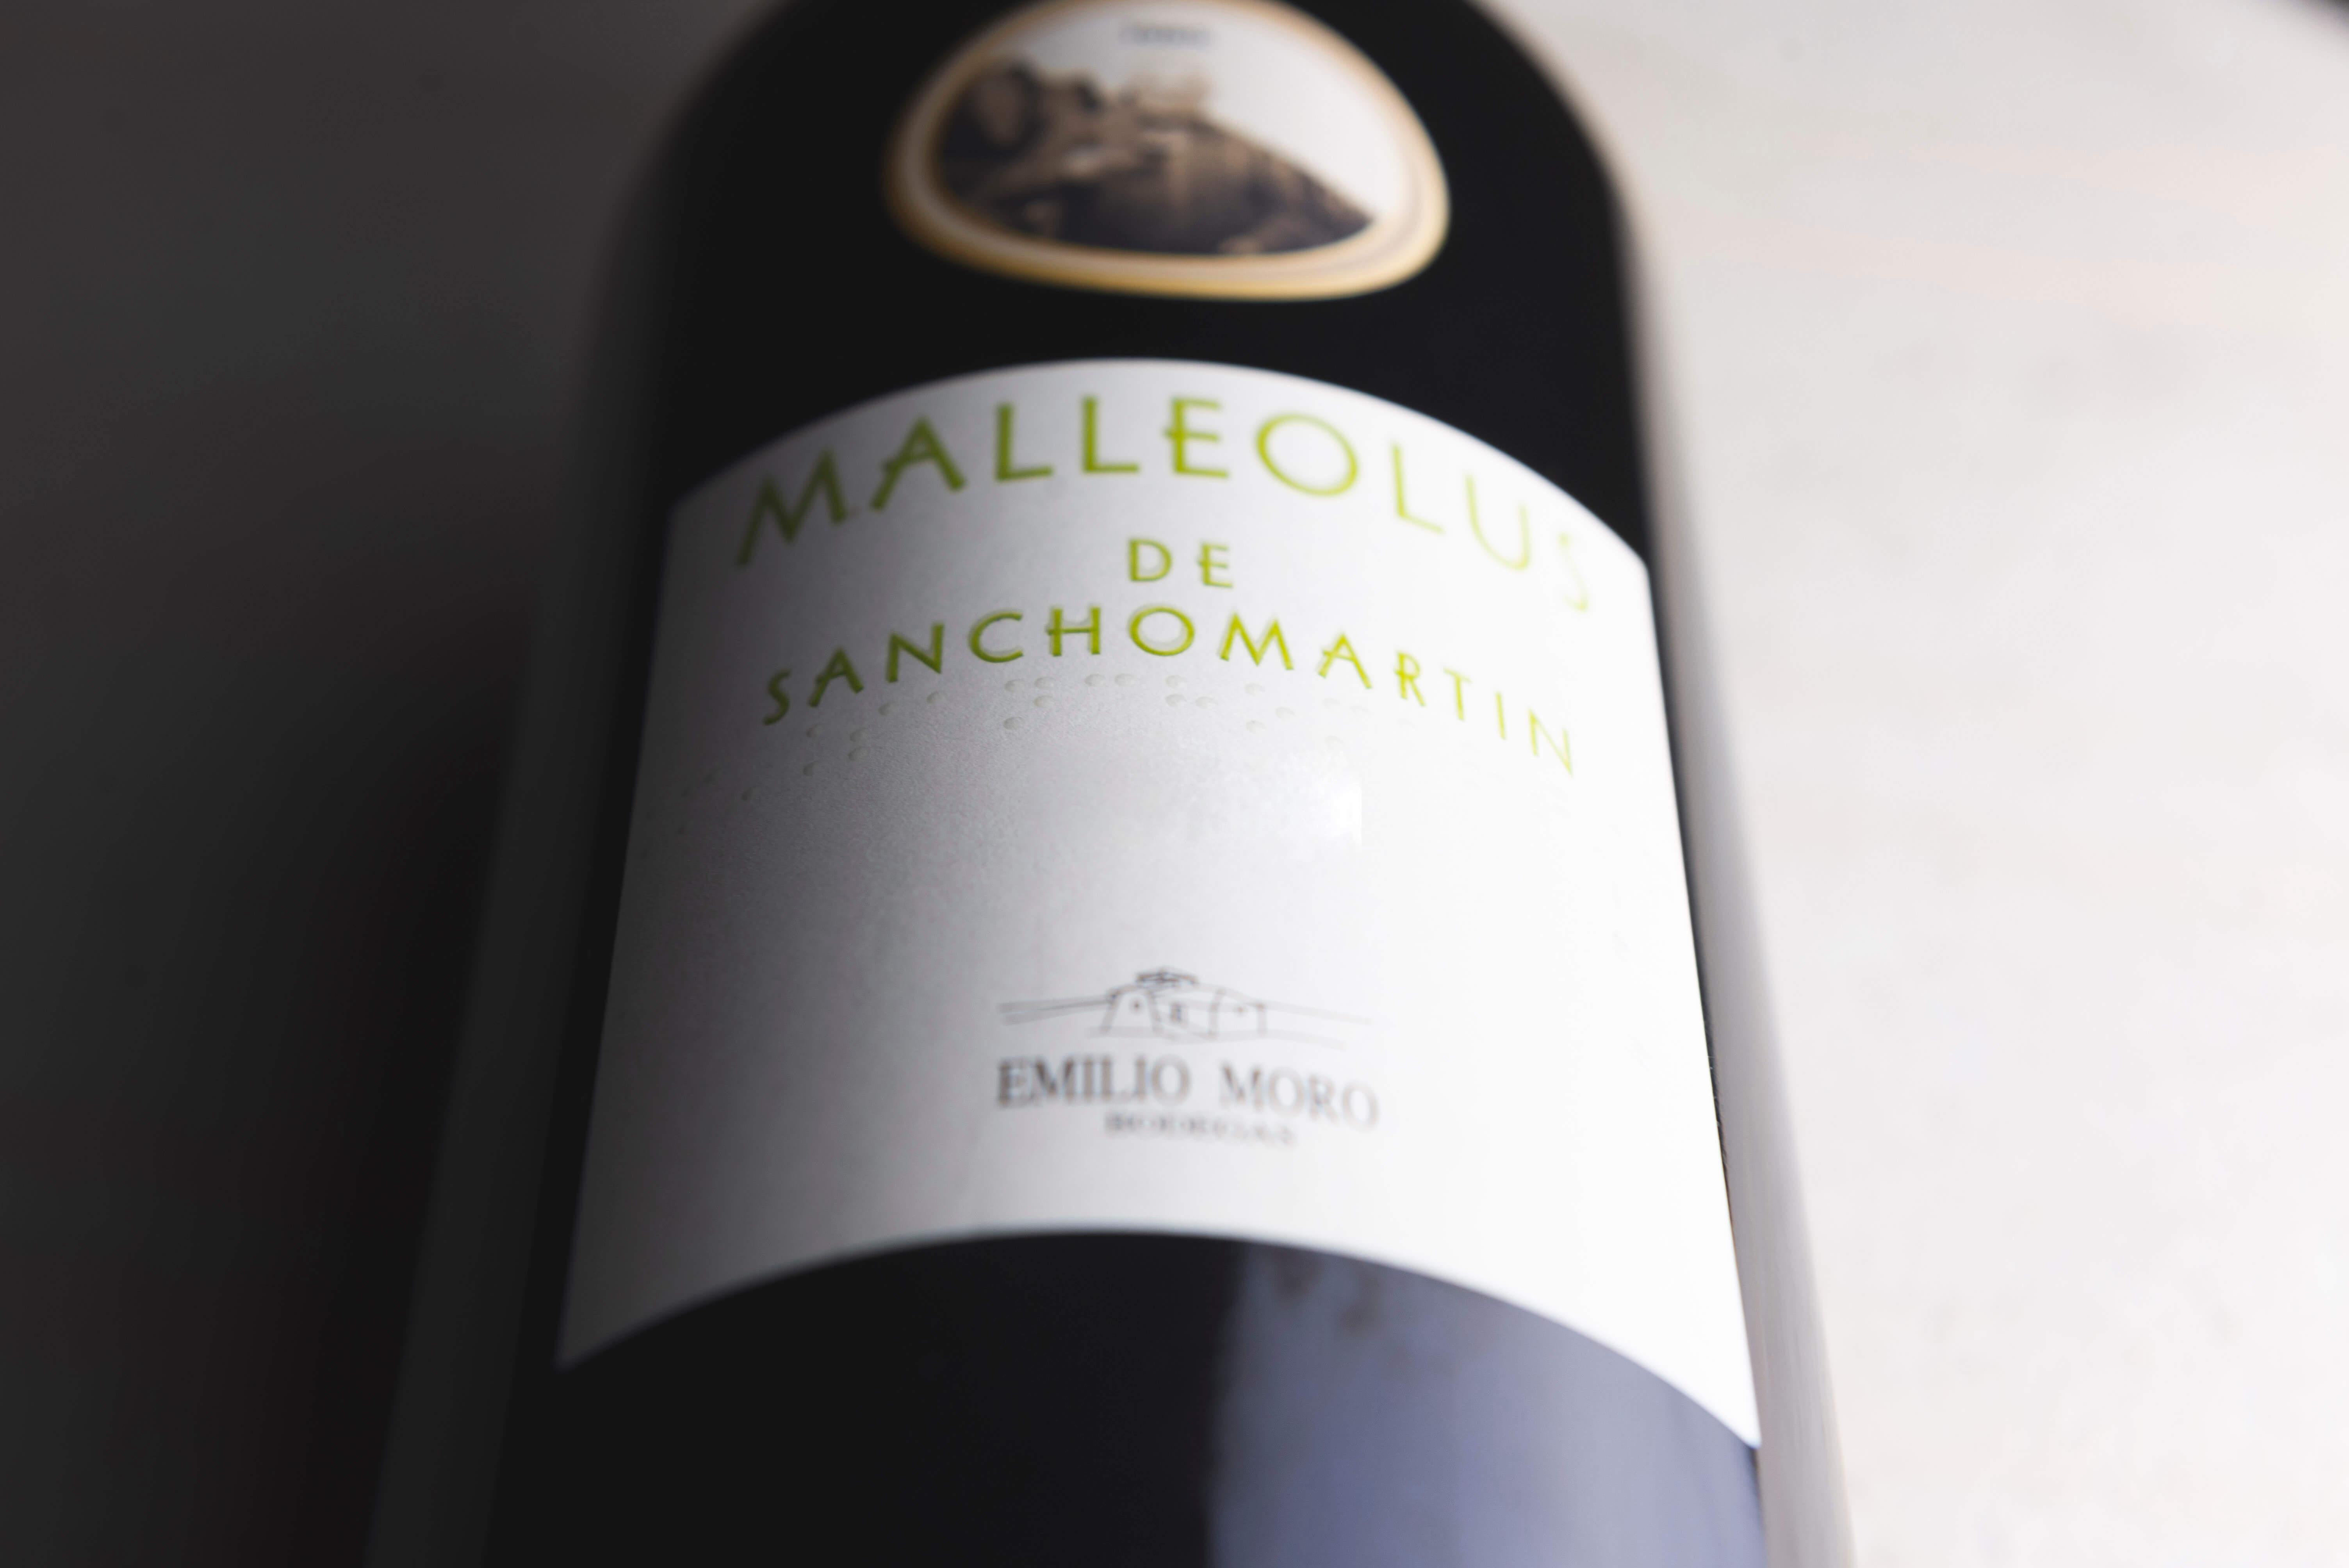 Comprar Malleolus de Sanchomartín 5